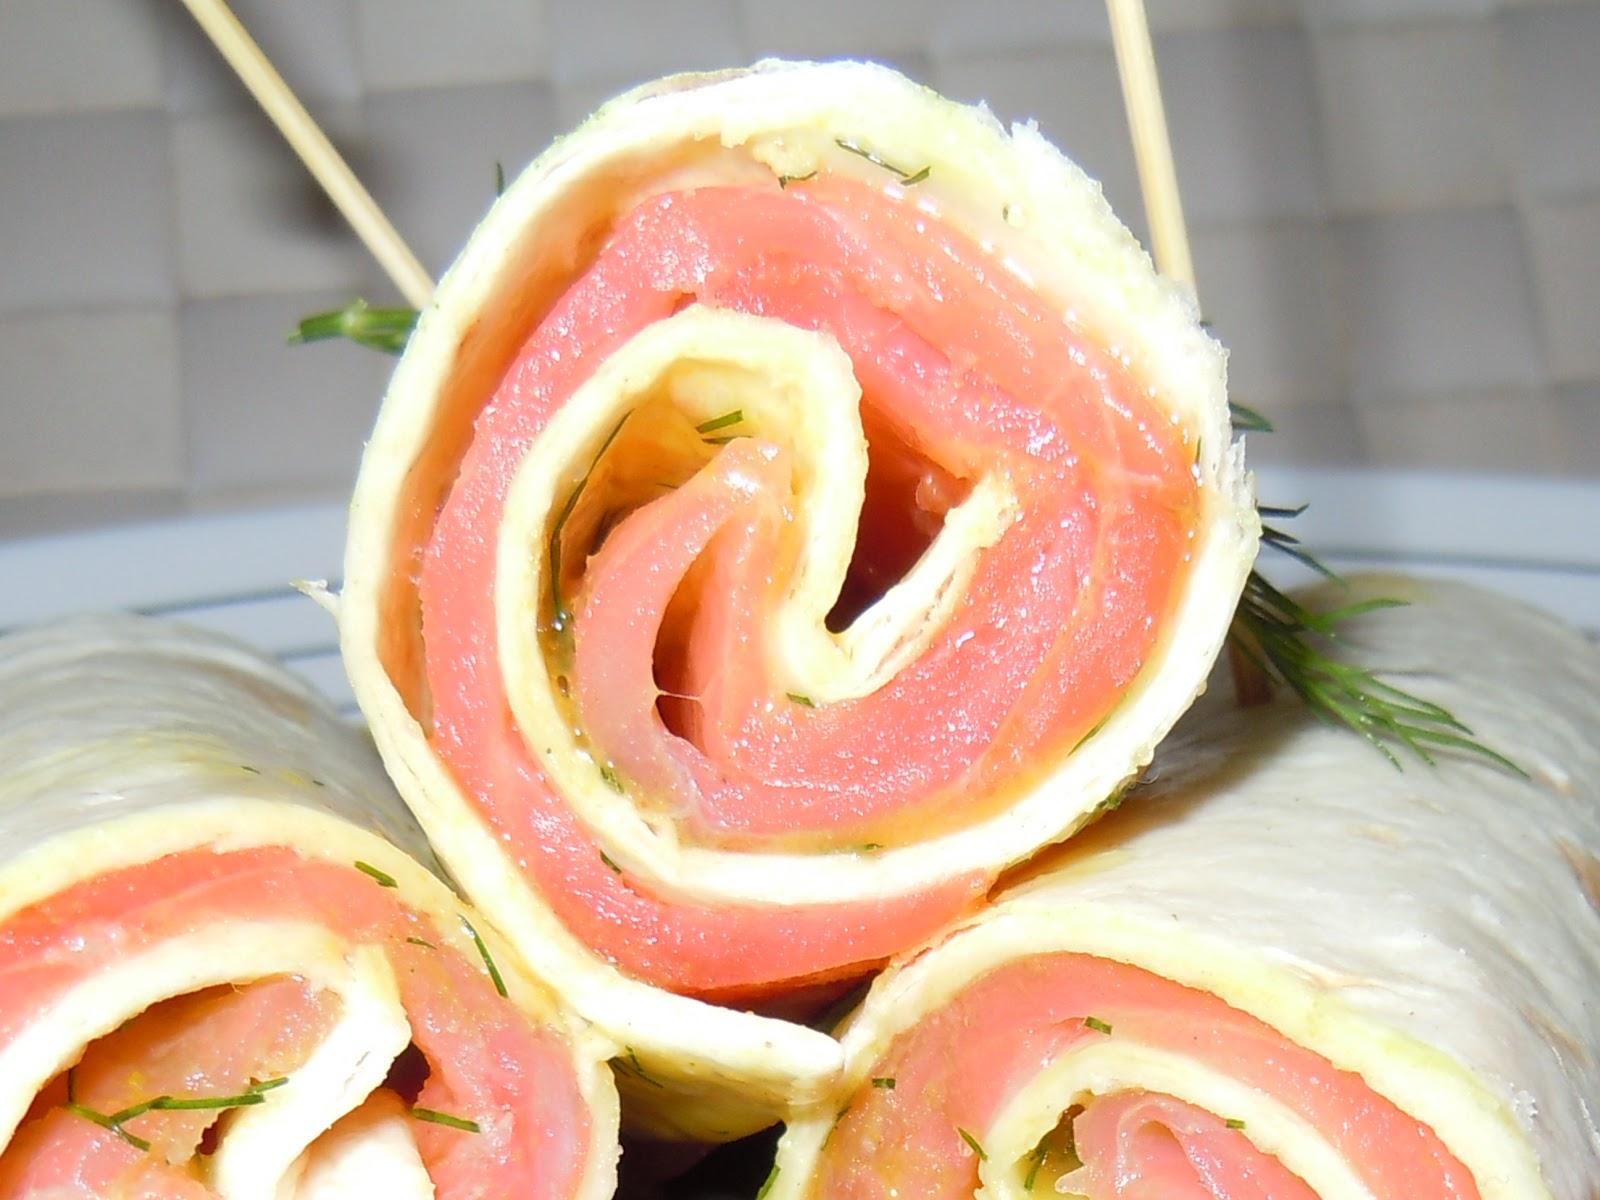 El blog de debora mis recetas del dia a dia 30 de mayo for Cosas de cocina